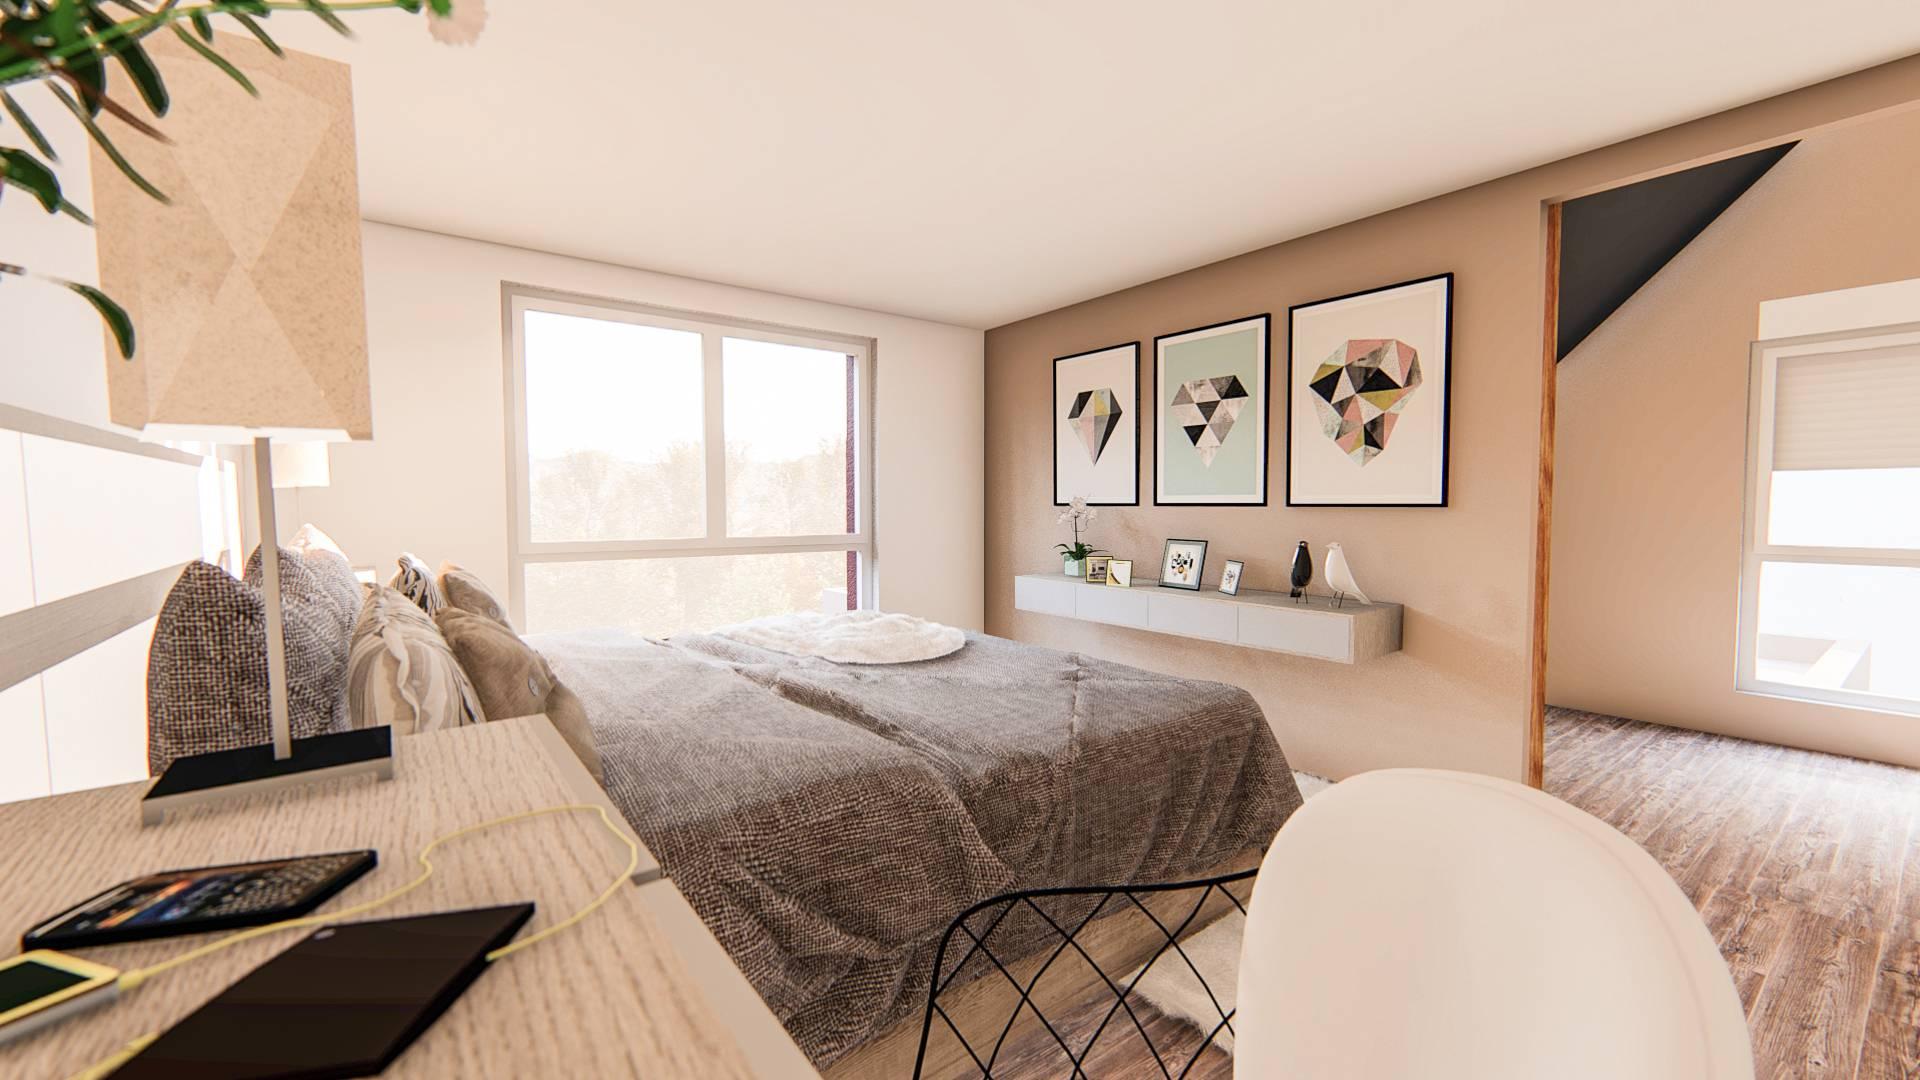 Maisons du constructeur SOCIETE MAISONS HANAU • 137 m² • HERRLISHEIM